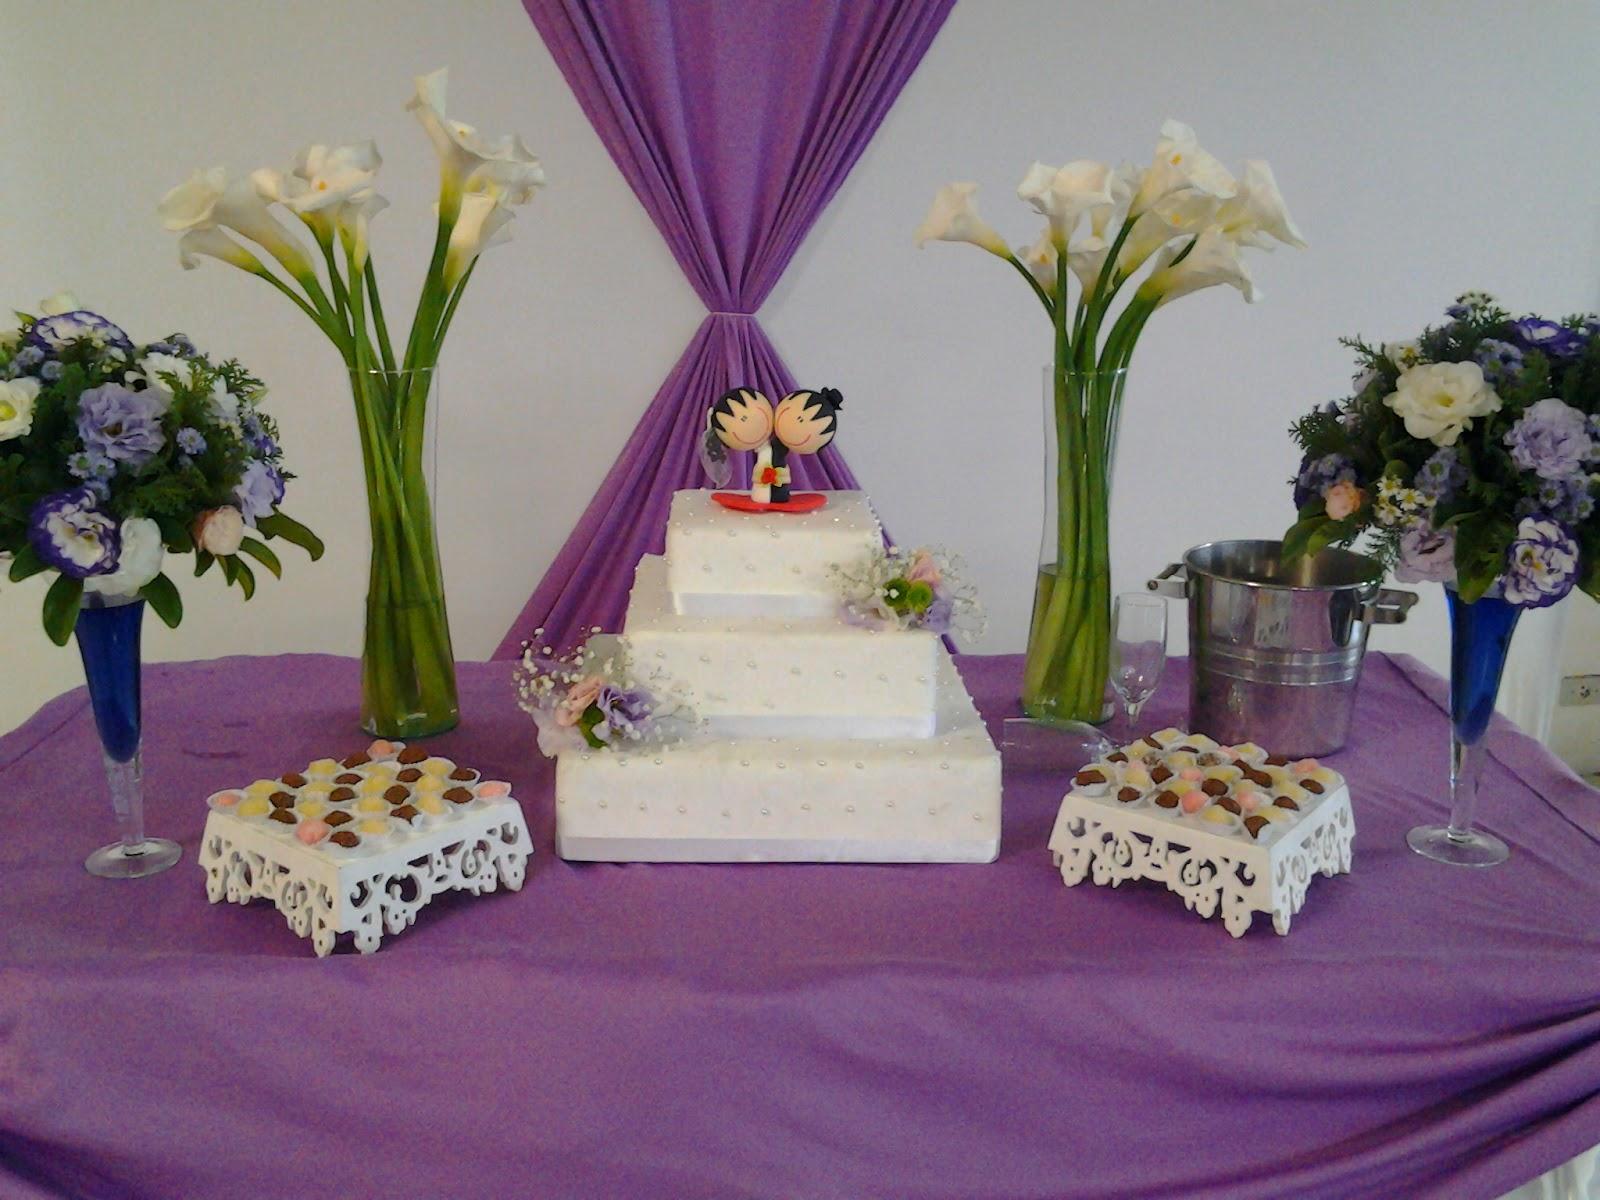 decoracao branco e lilas para casamento: de Casamento lilas e branco e Decoração de Casamneto vermelho e